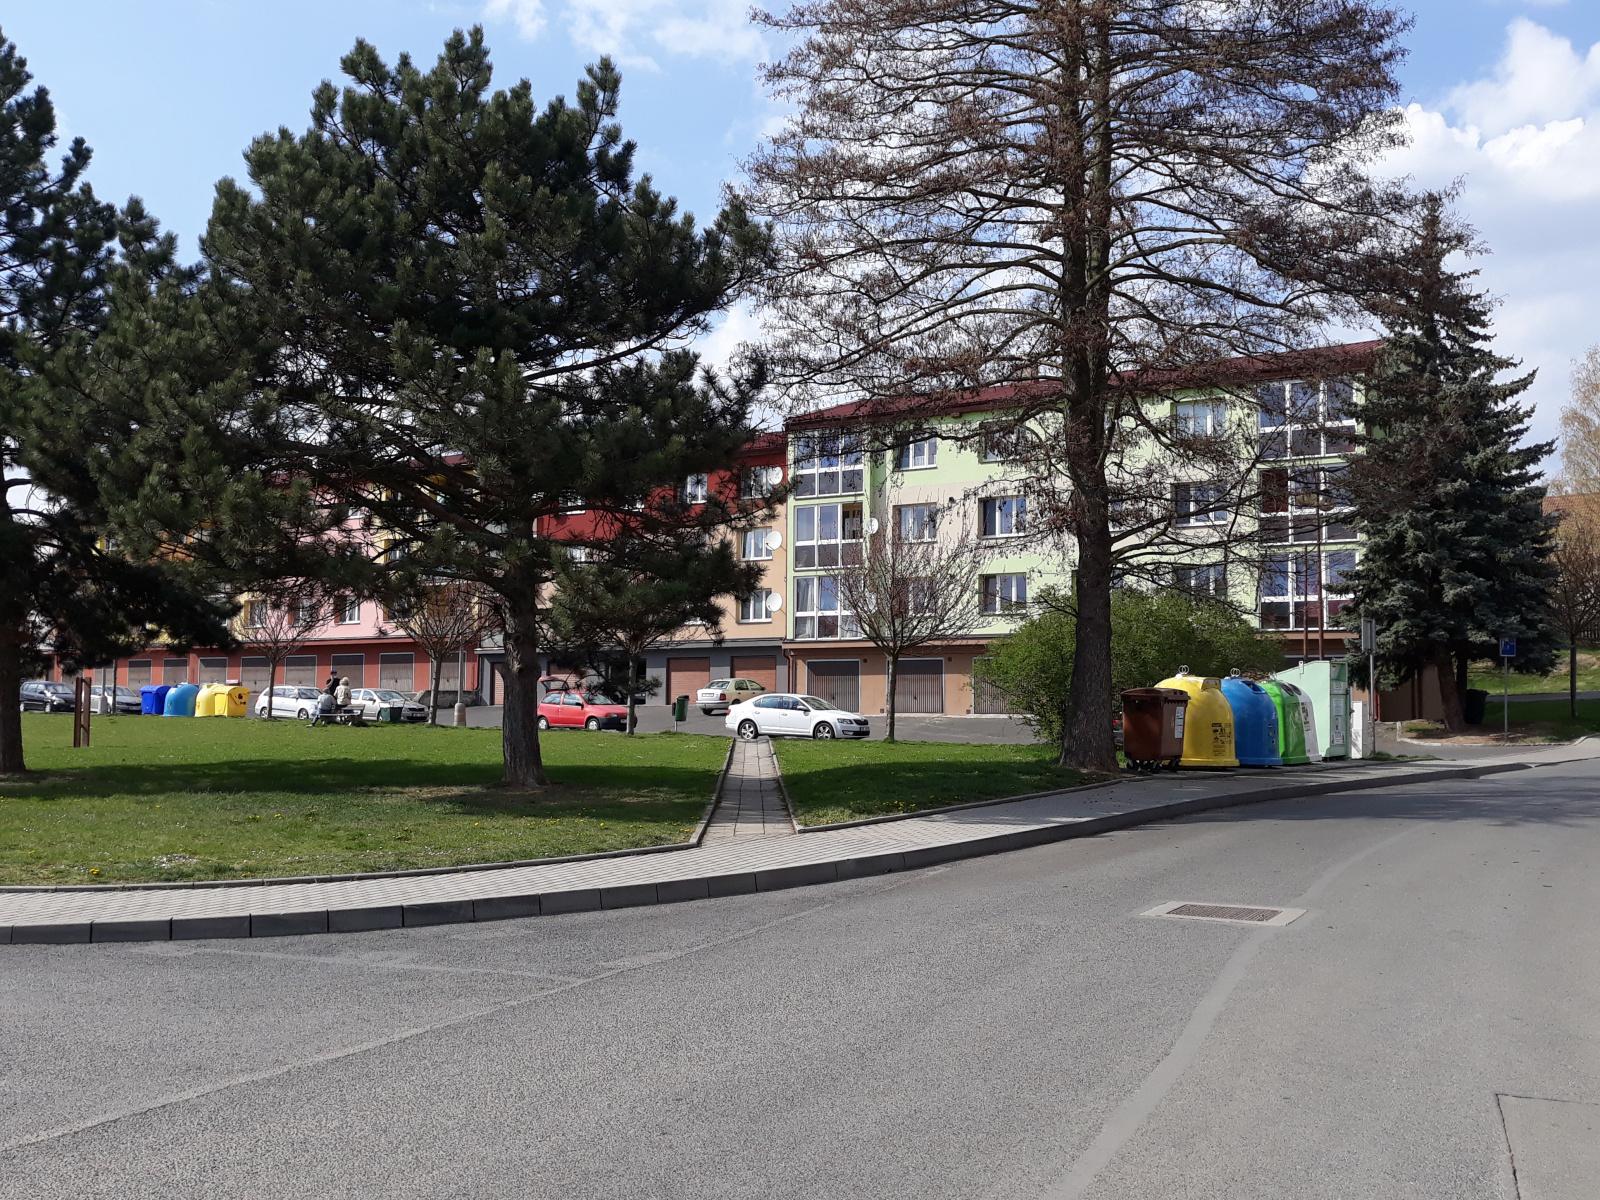 Prodej, byt 2+1, ul. Kostelní, Kladruby, okres Tachov